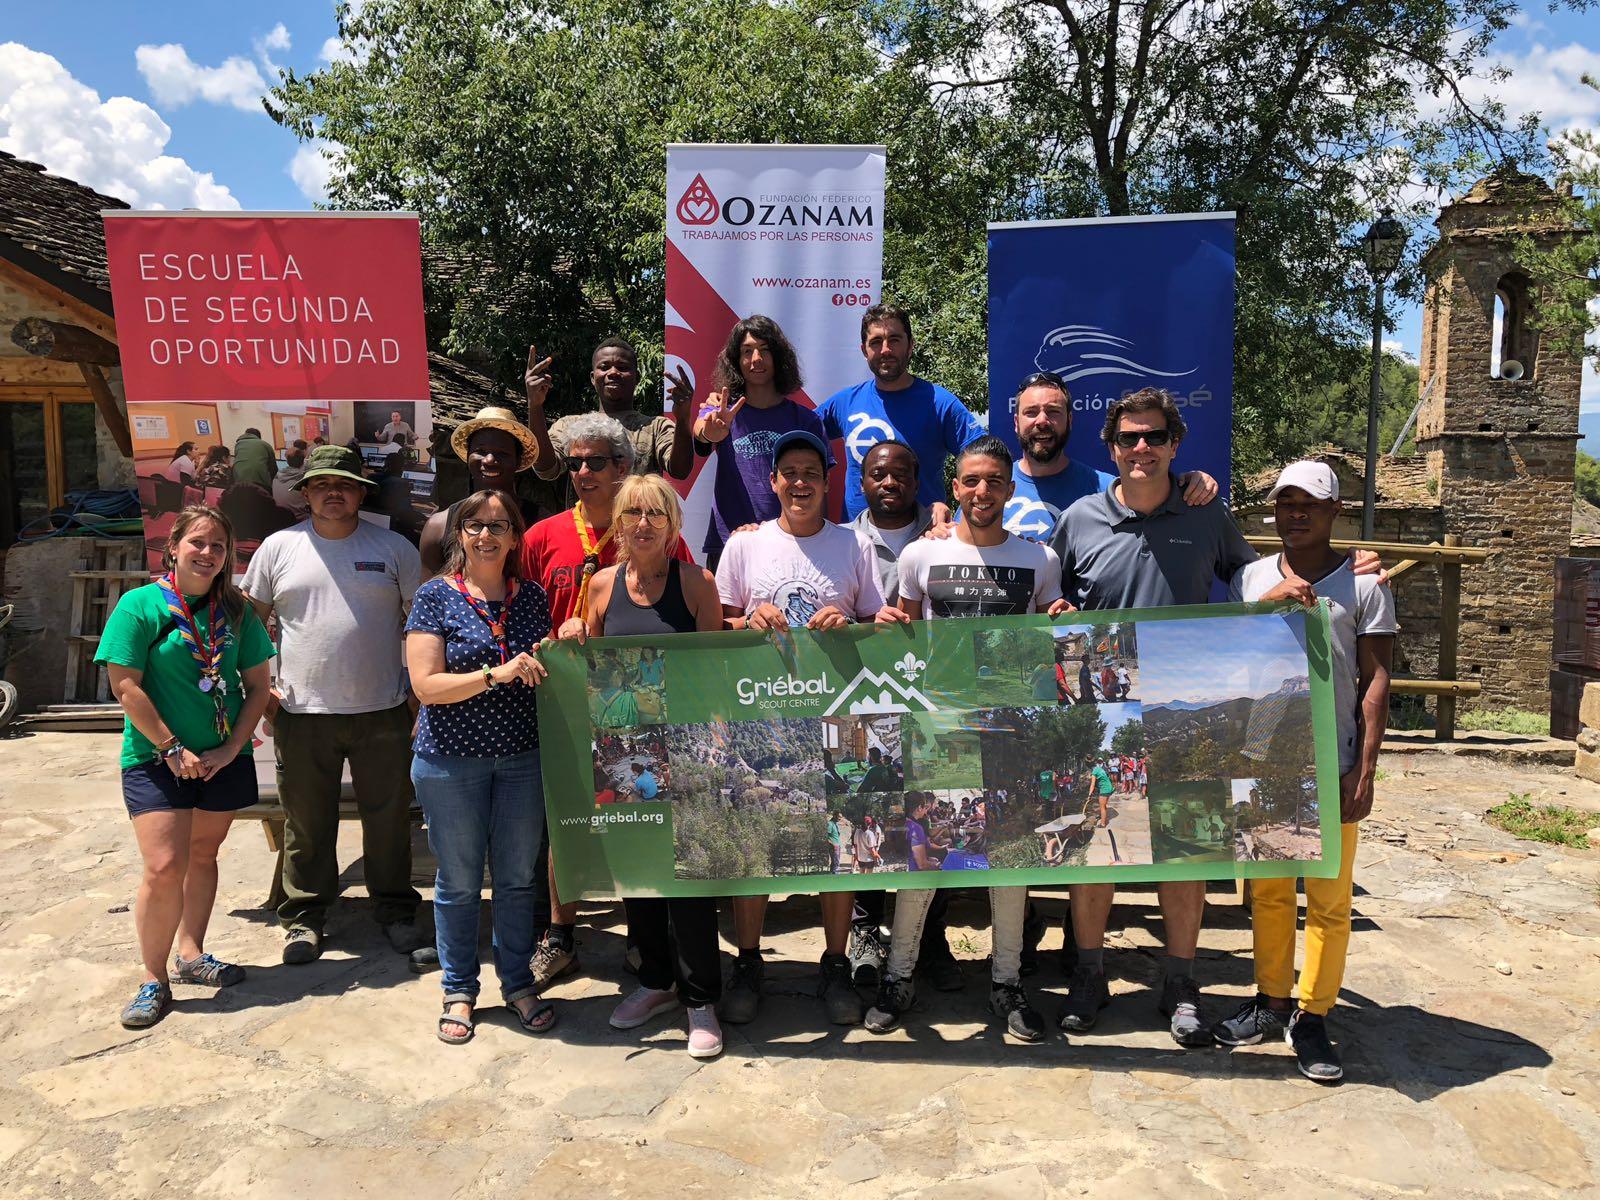 Fundación Sesé, Fundación Scout Griébal y Fundación Federico Ozanam colaboran un año más para llevar a cabo un campo de trabajo en el Centro Scout Griébal